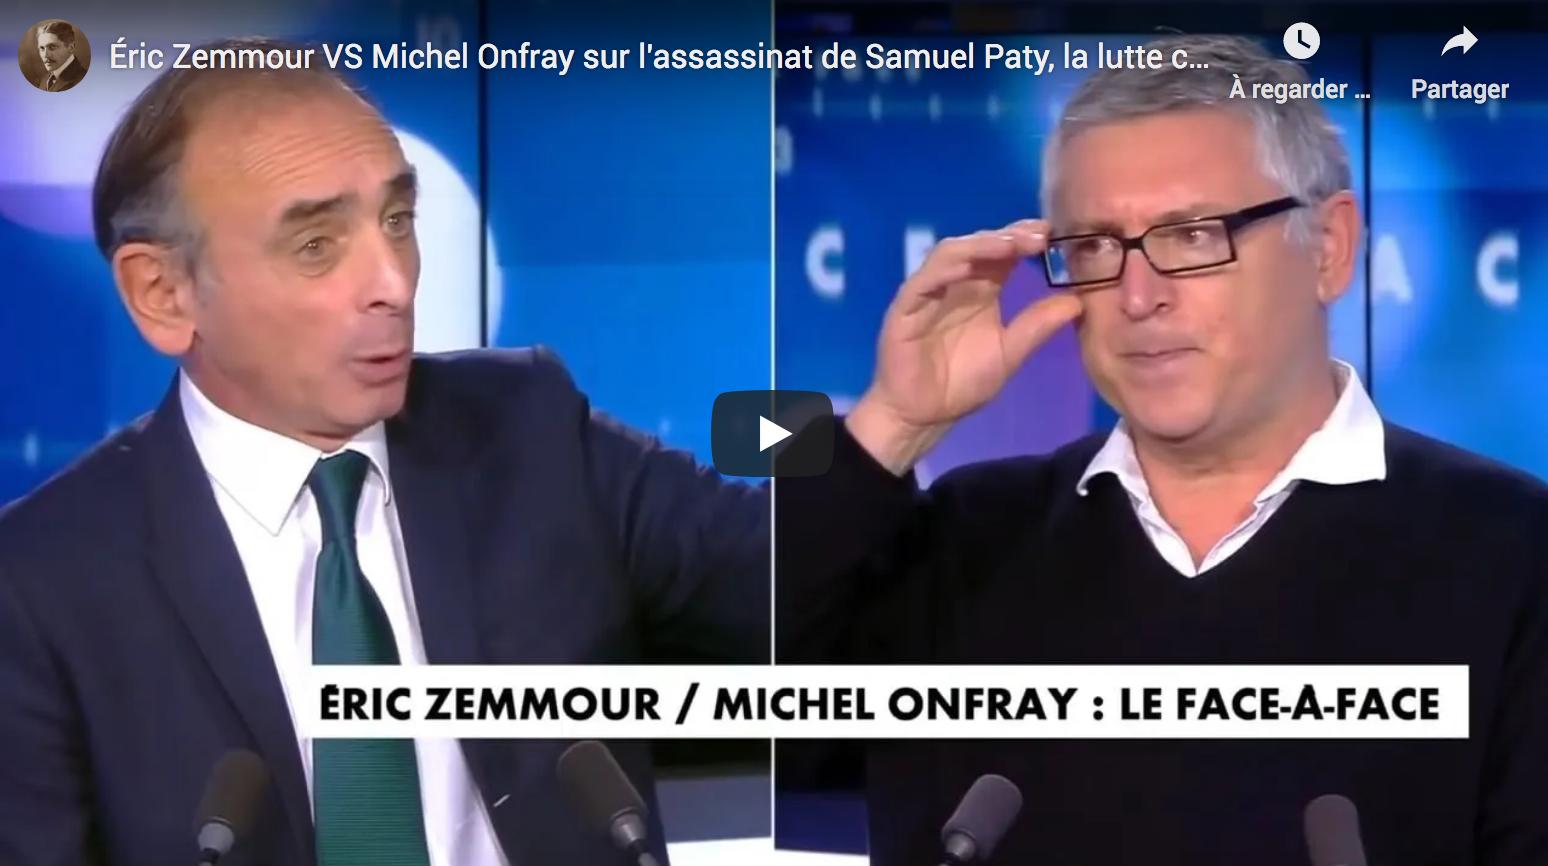 Éric Zemmour VS Michel Onfray sur l'assassinat de Samuel Paty, la lutte contre l'islamisme, etc. (DÉBAT D'EXCELLENTE TENUE)